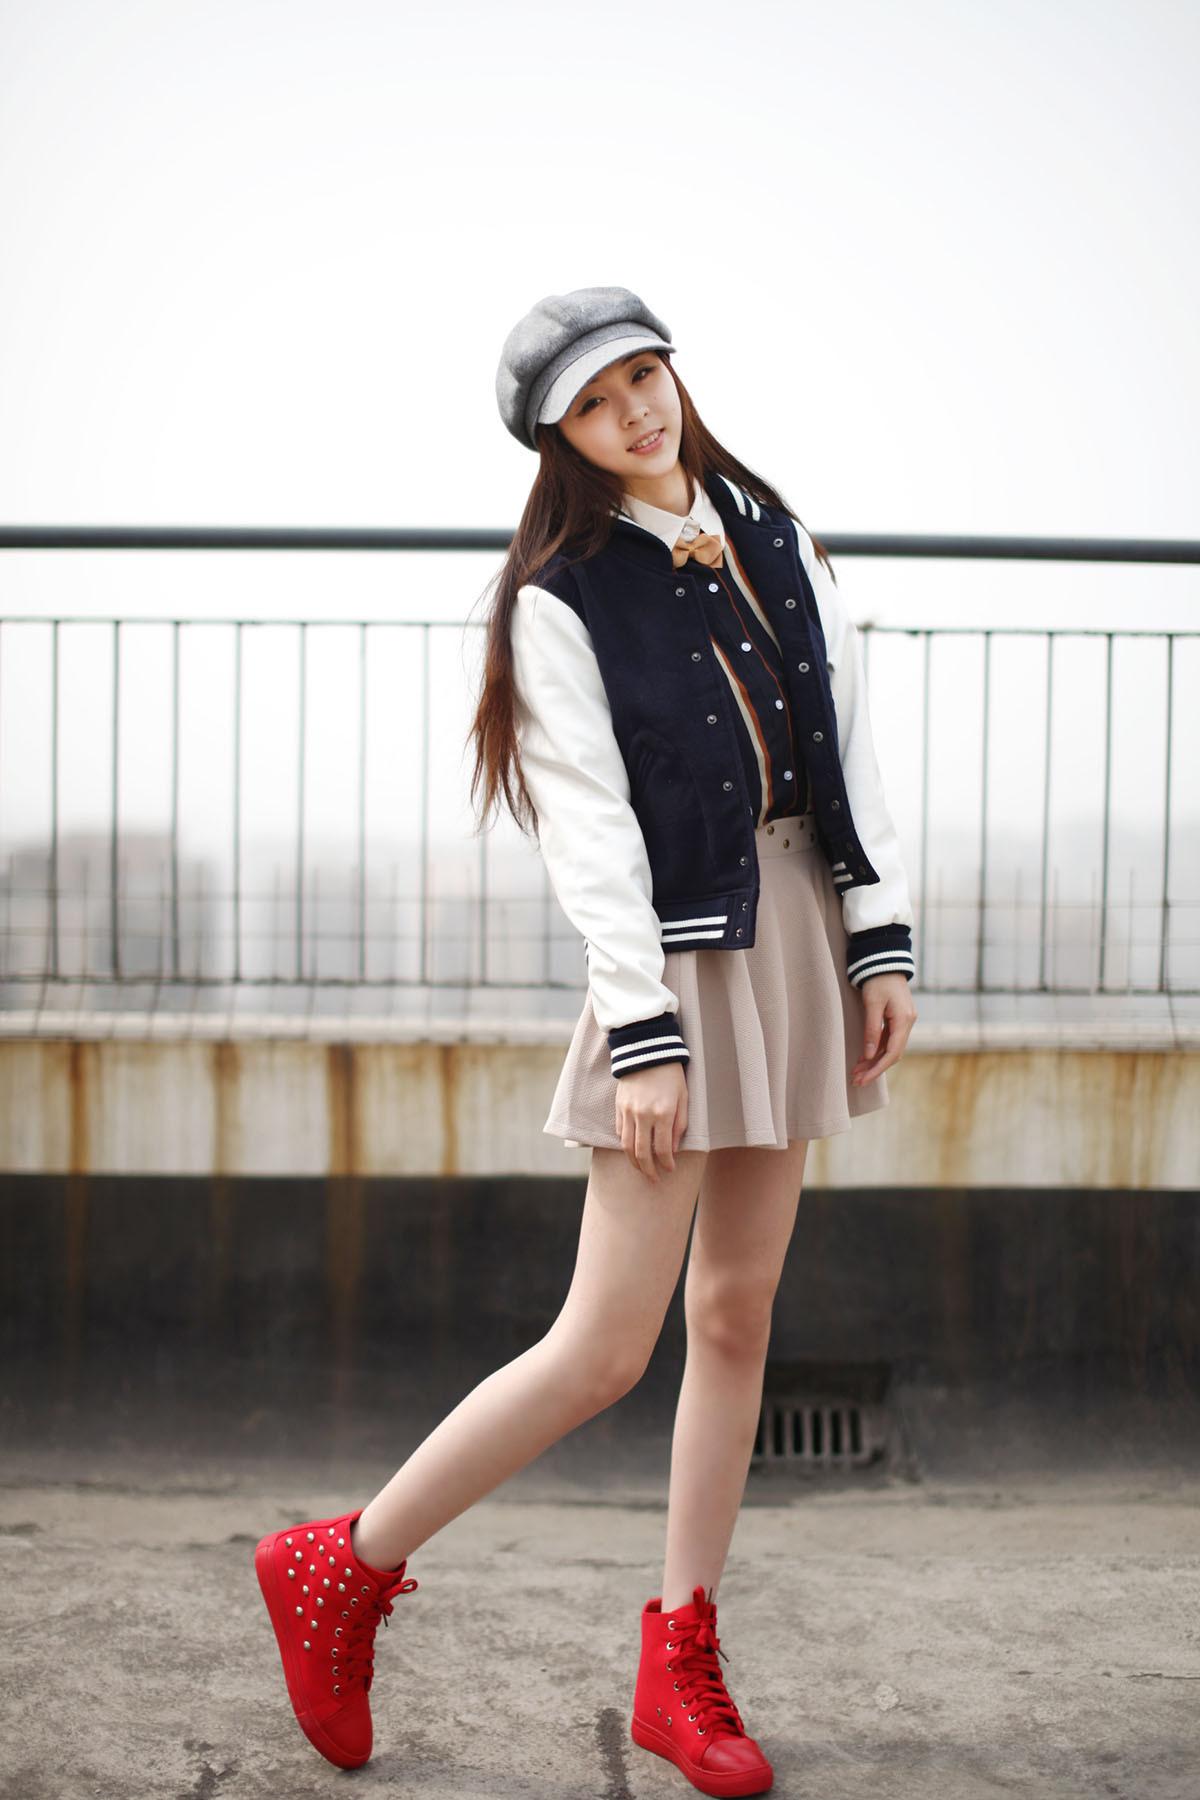 女生棒球服搭配休闲风